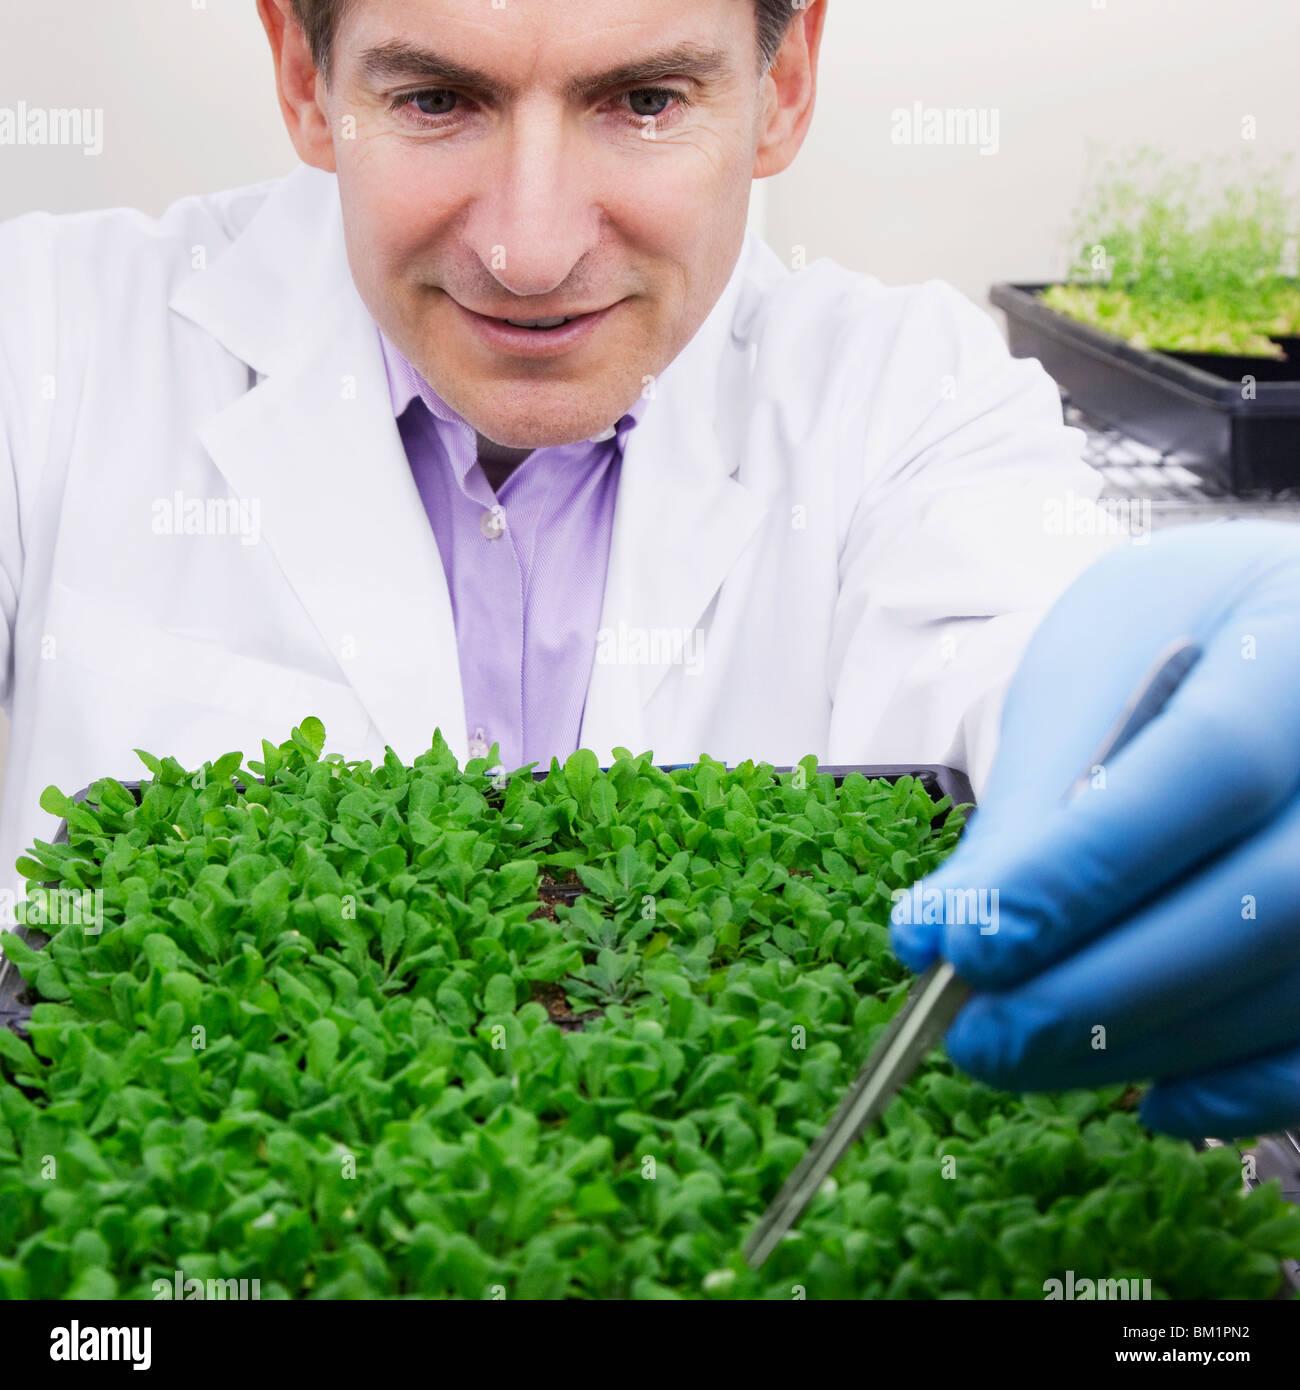 La recherche scientifique sur les plantes dans un laboratoire Photo Stock